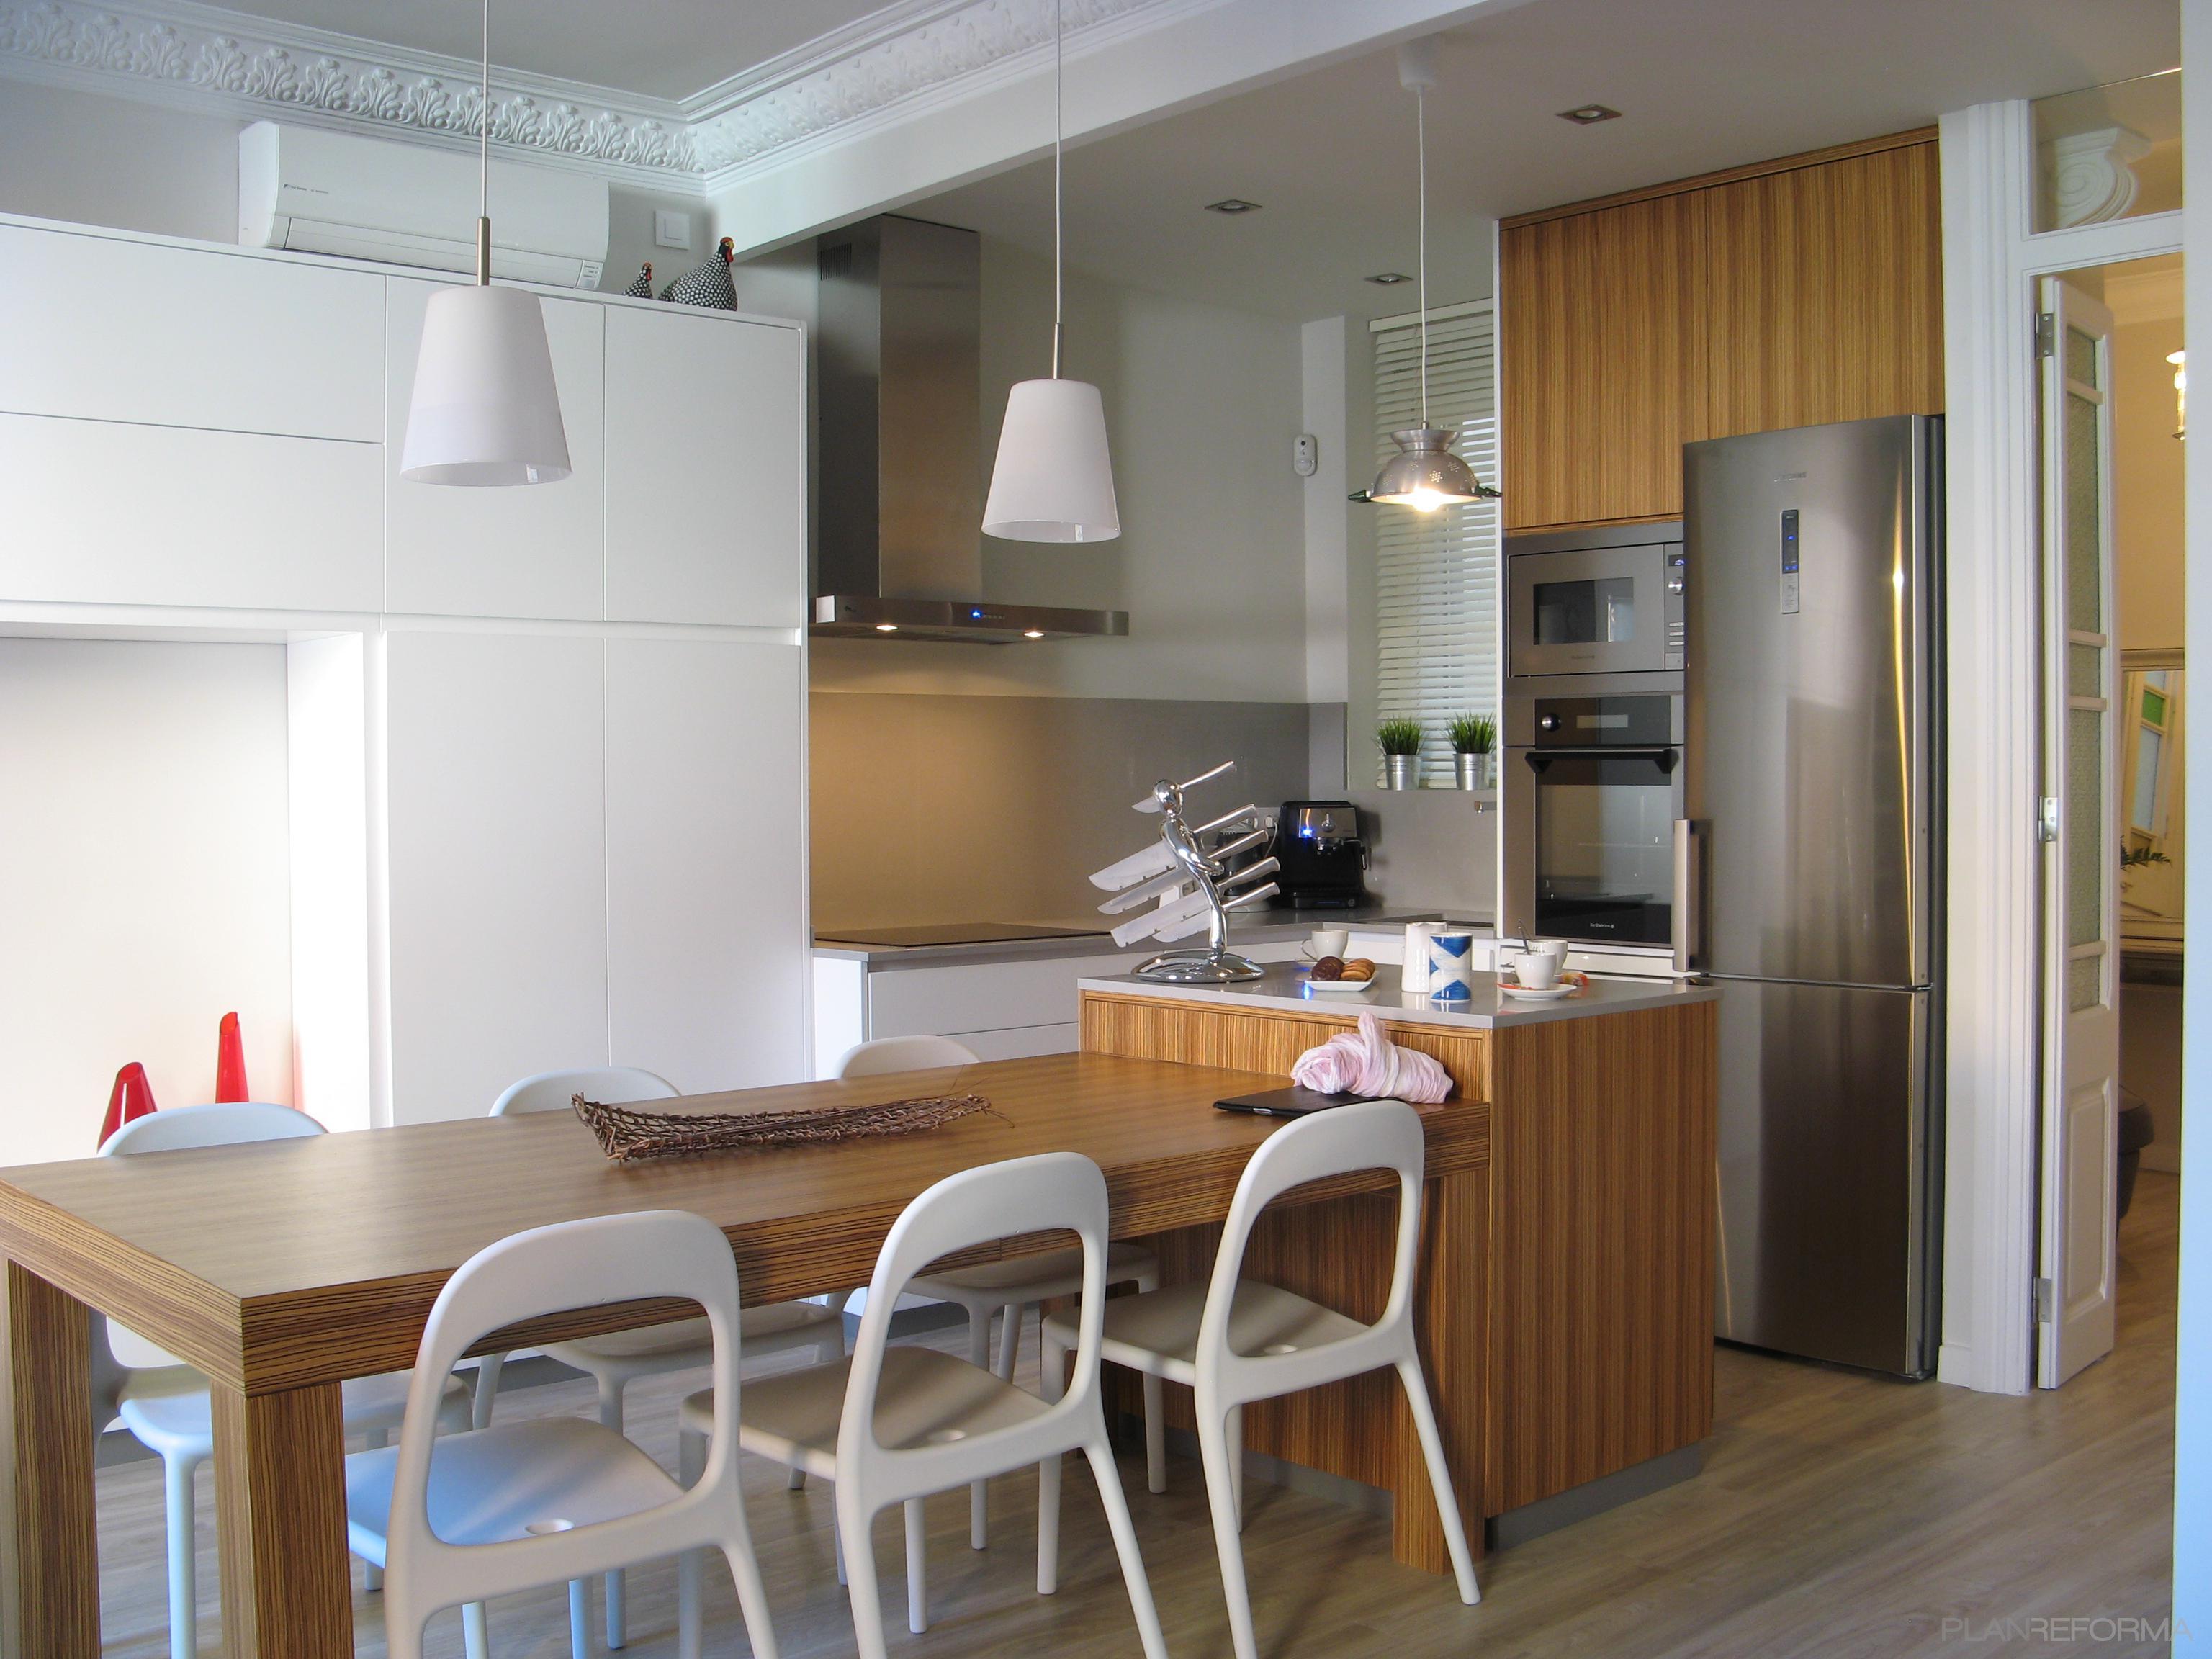 Comedor, Cocina Estilo mediterraneo Color marron, blanco, plateado